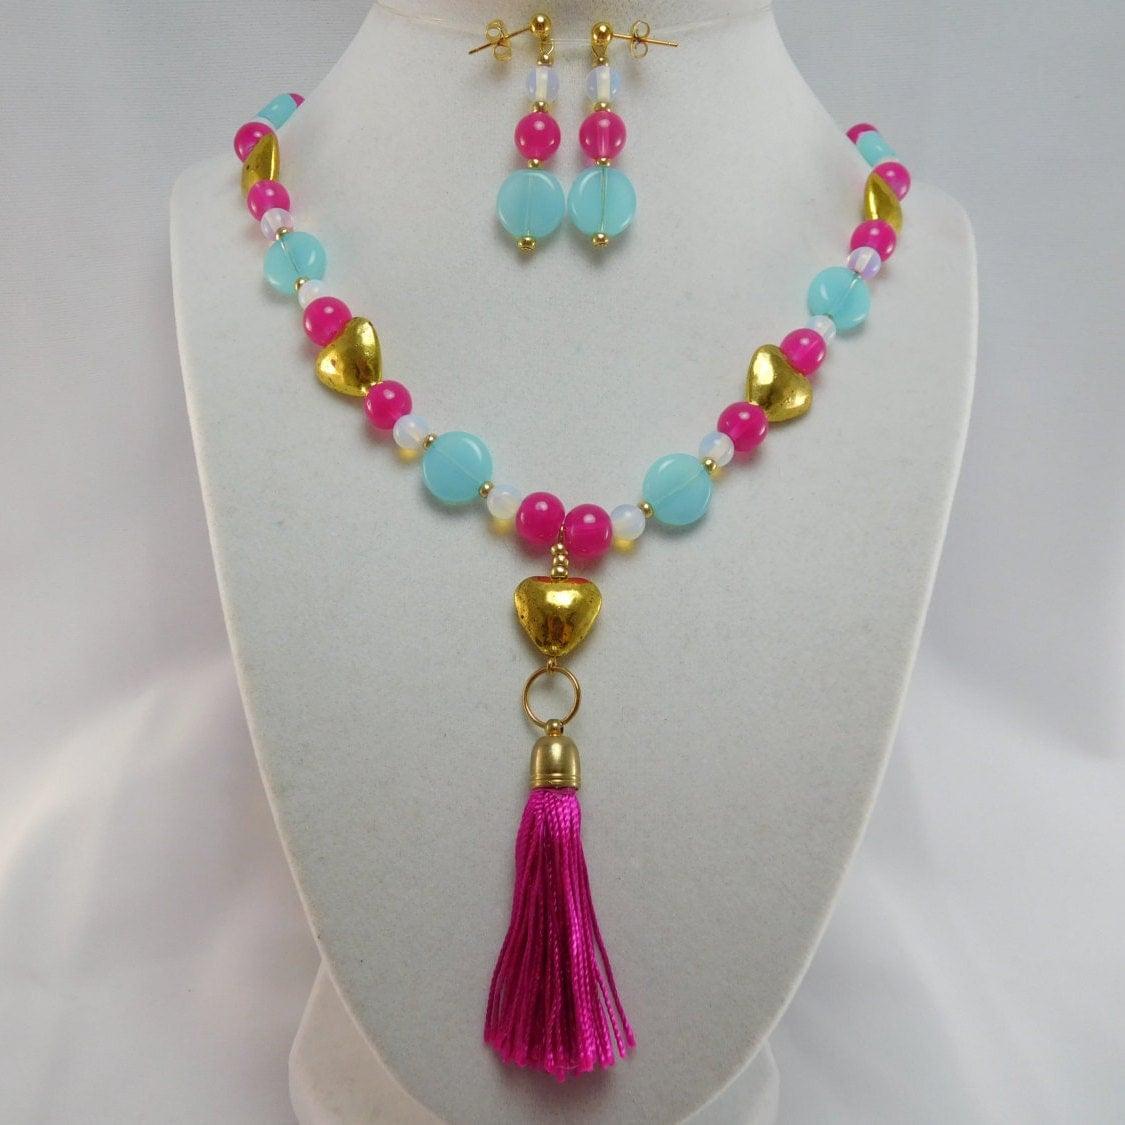 Make Your Own Tassel Necklace: Hot Pink Tassel & Moonstone 30 Necklace Set-Hot